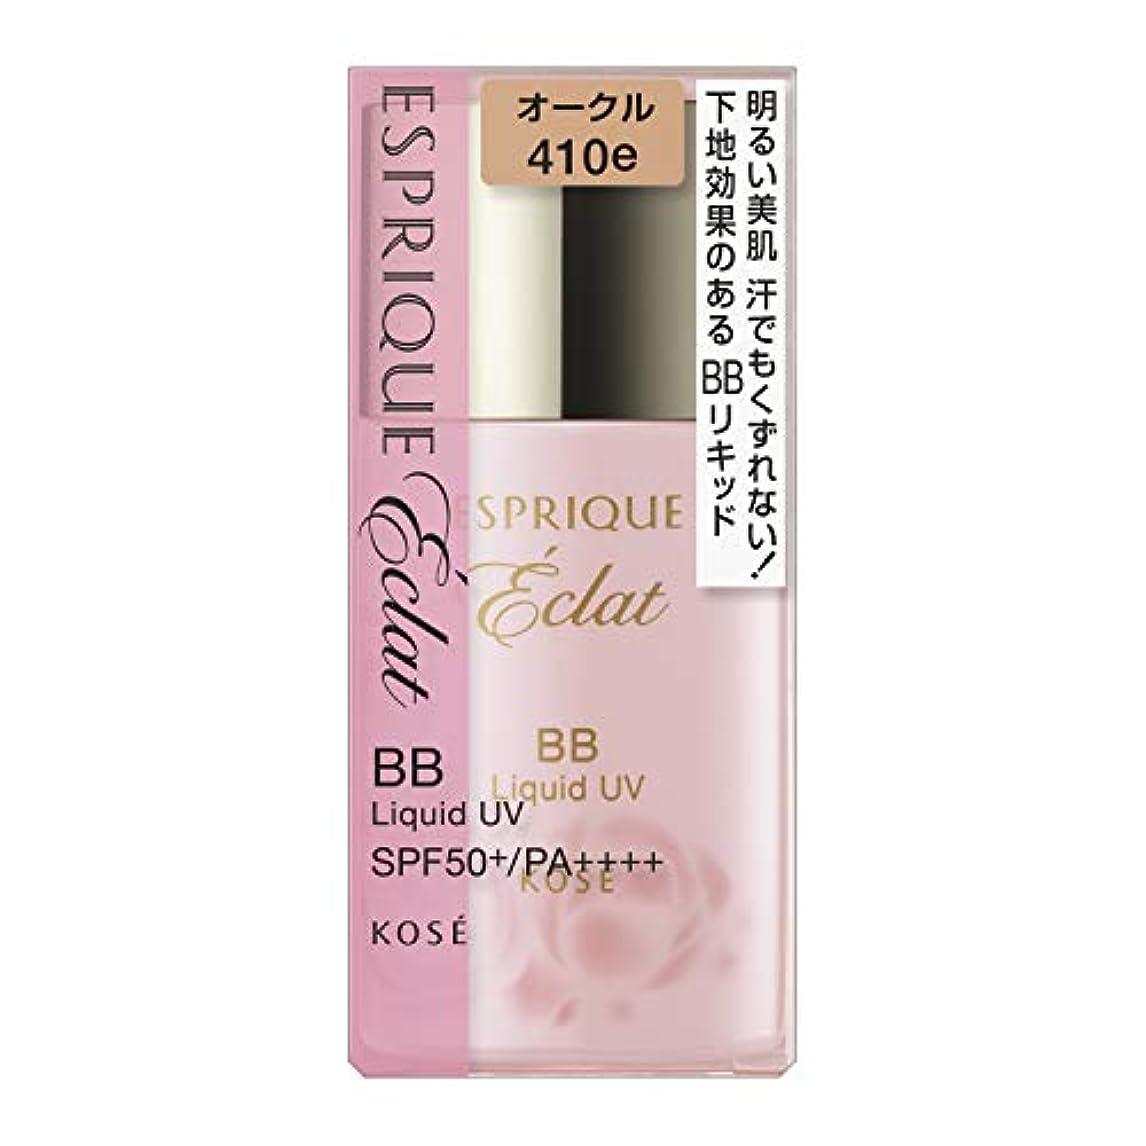 香り広告するハムエスプリーク エクラ 明るさ持続 BB リキッド UV OC410e オークル 30g